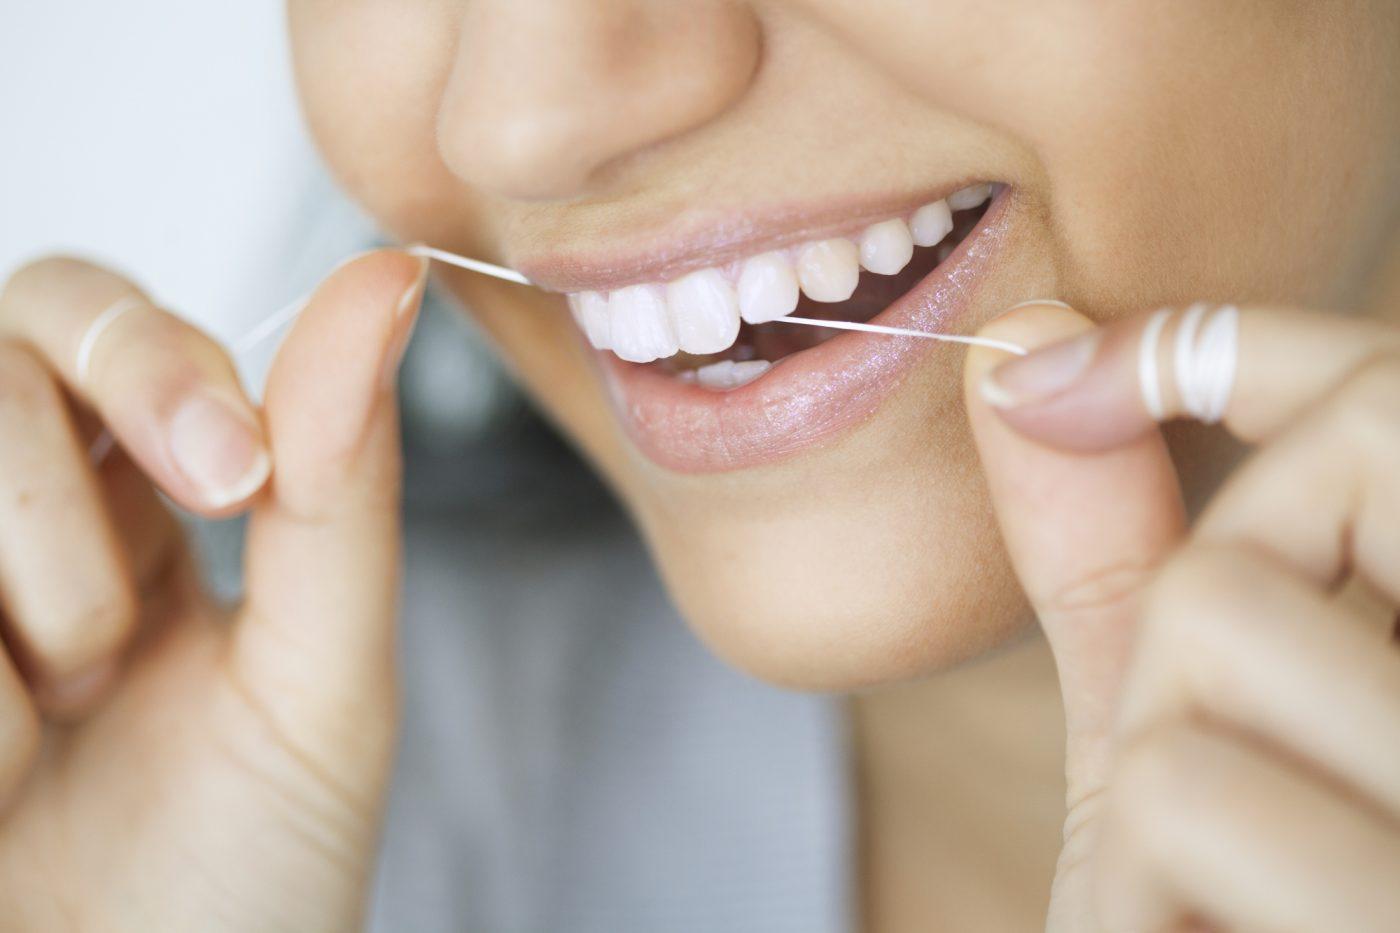 Granville Gum Disease